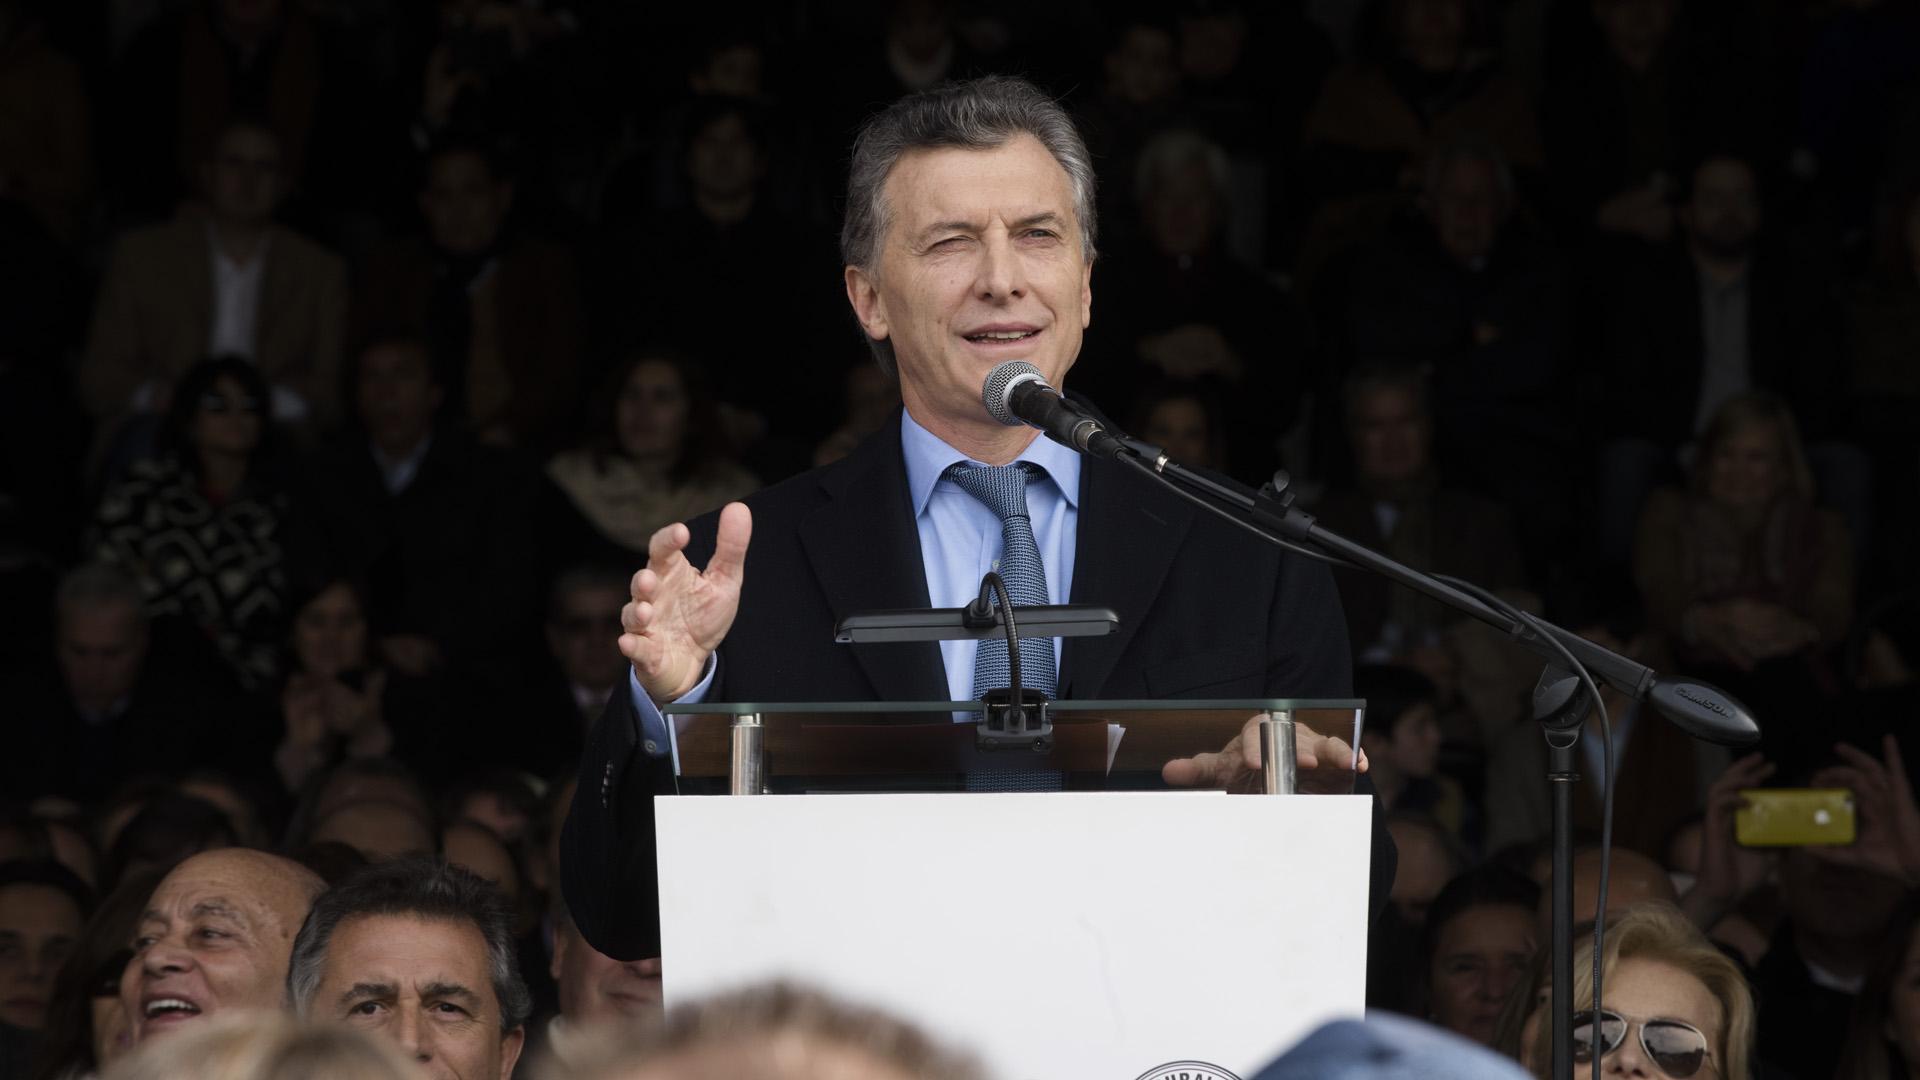 El discurso de Mauricio Macri (Adrián Escandar)